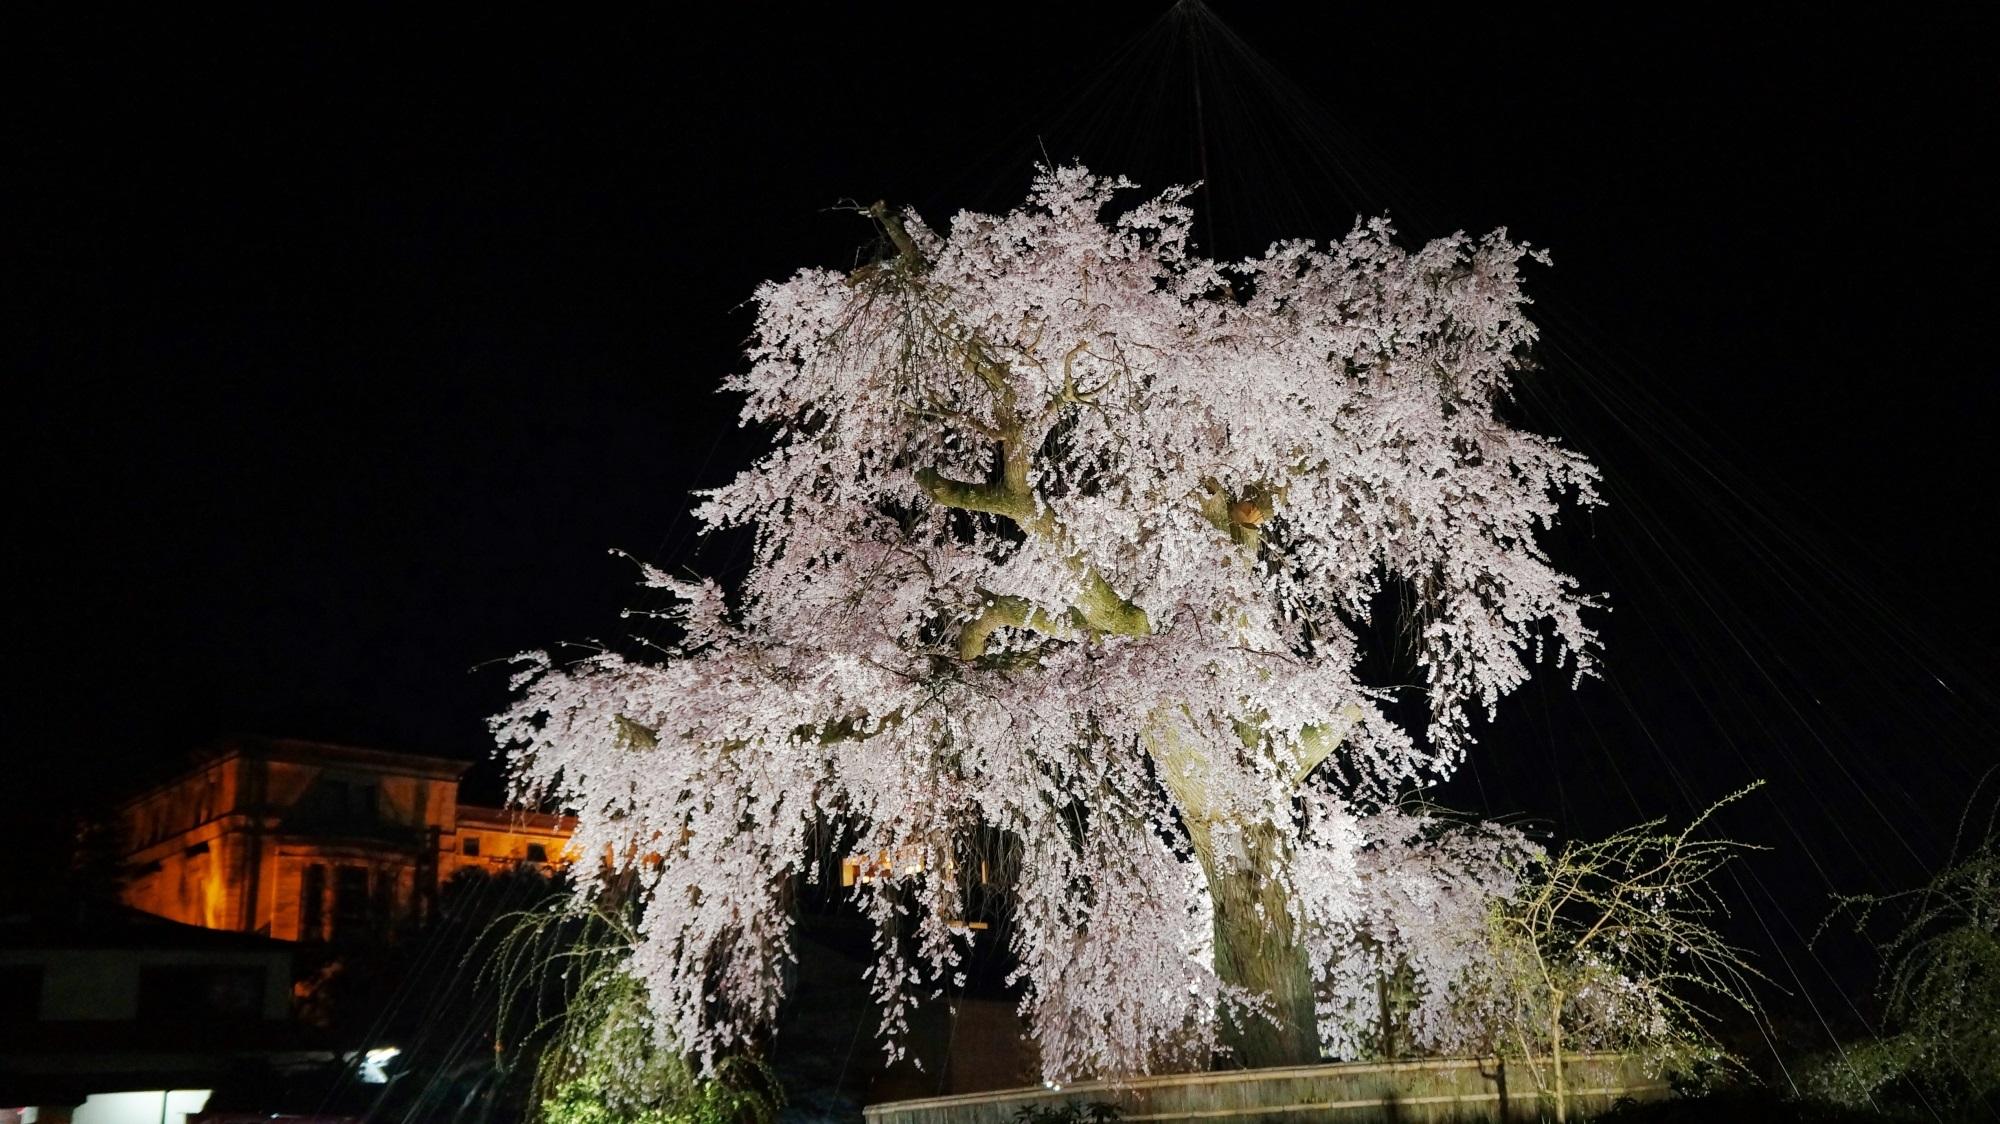 京都 円山公園 祇園枝垂桜 ライトアップ しだれ桜の巨木